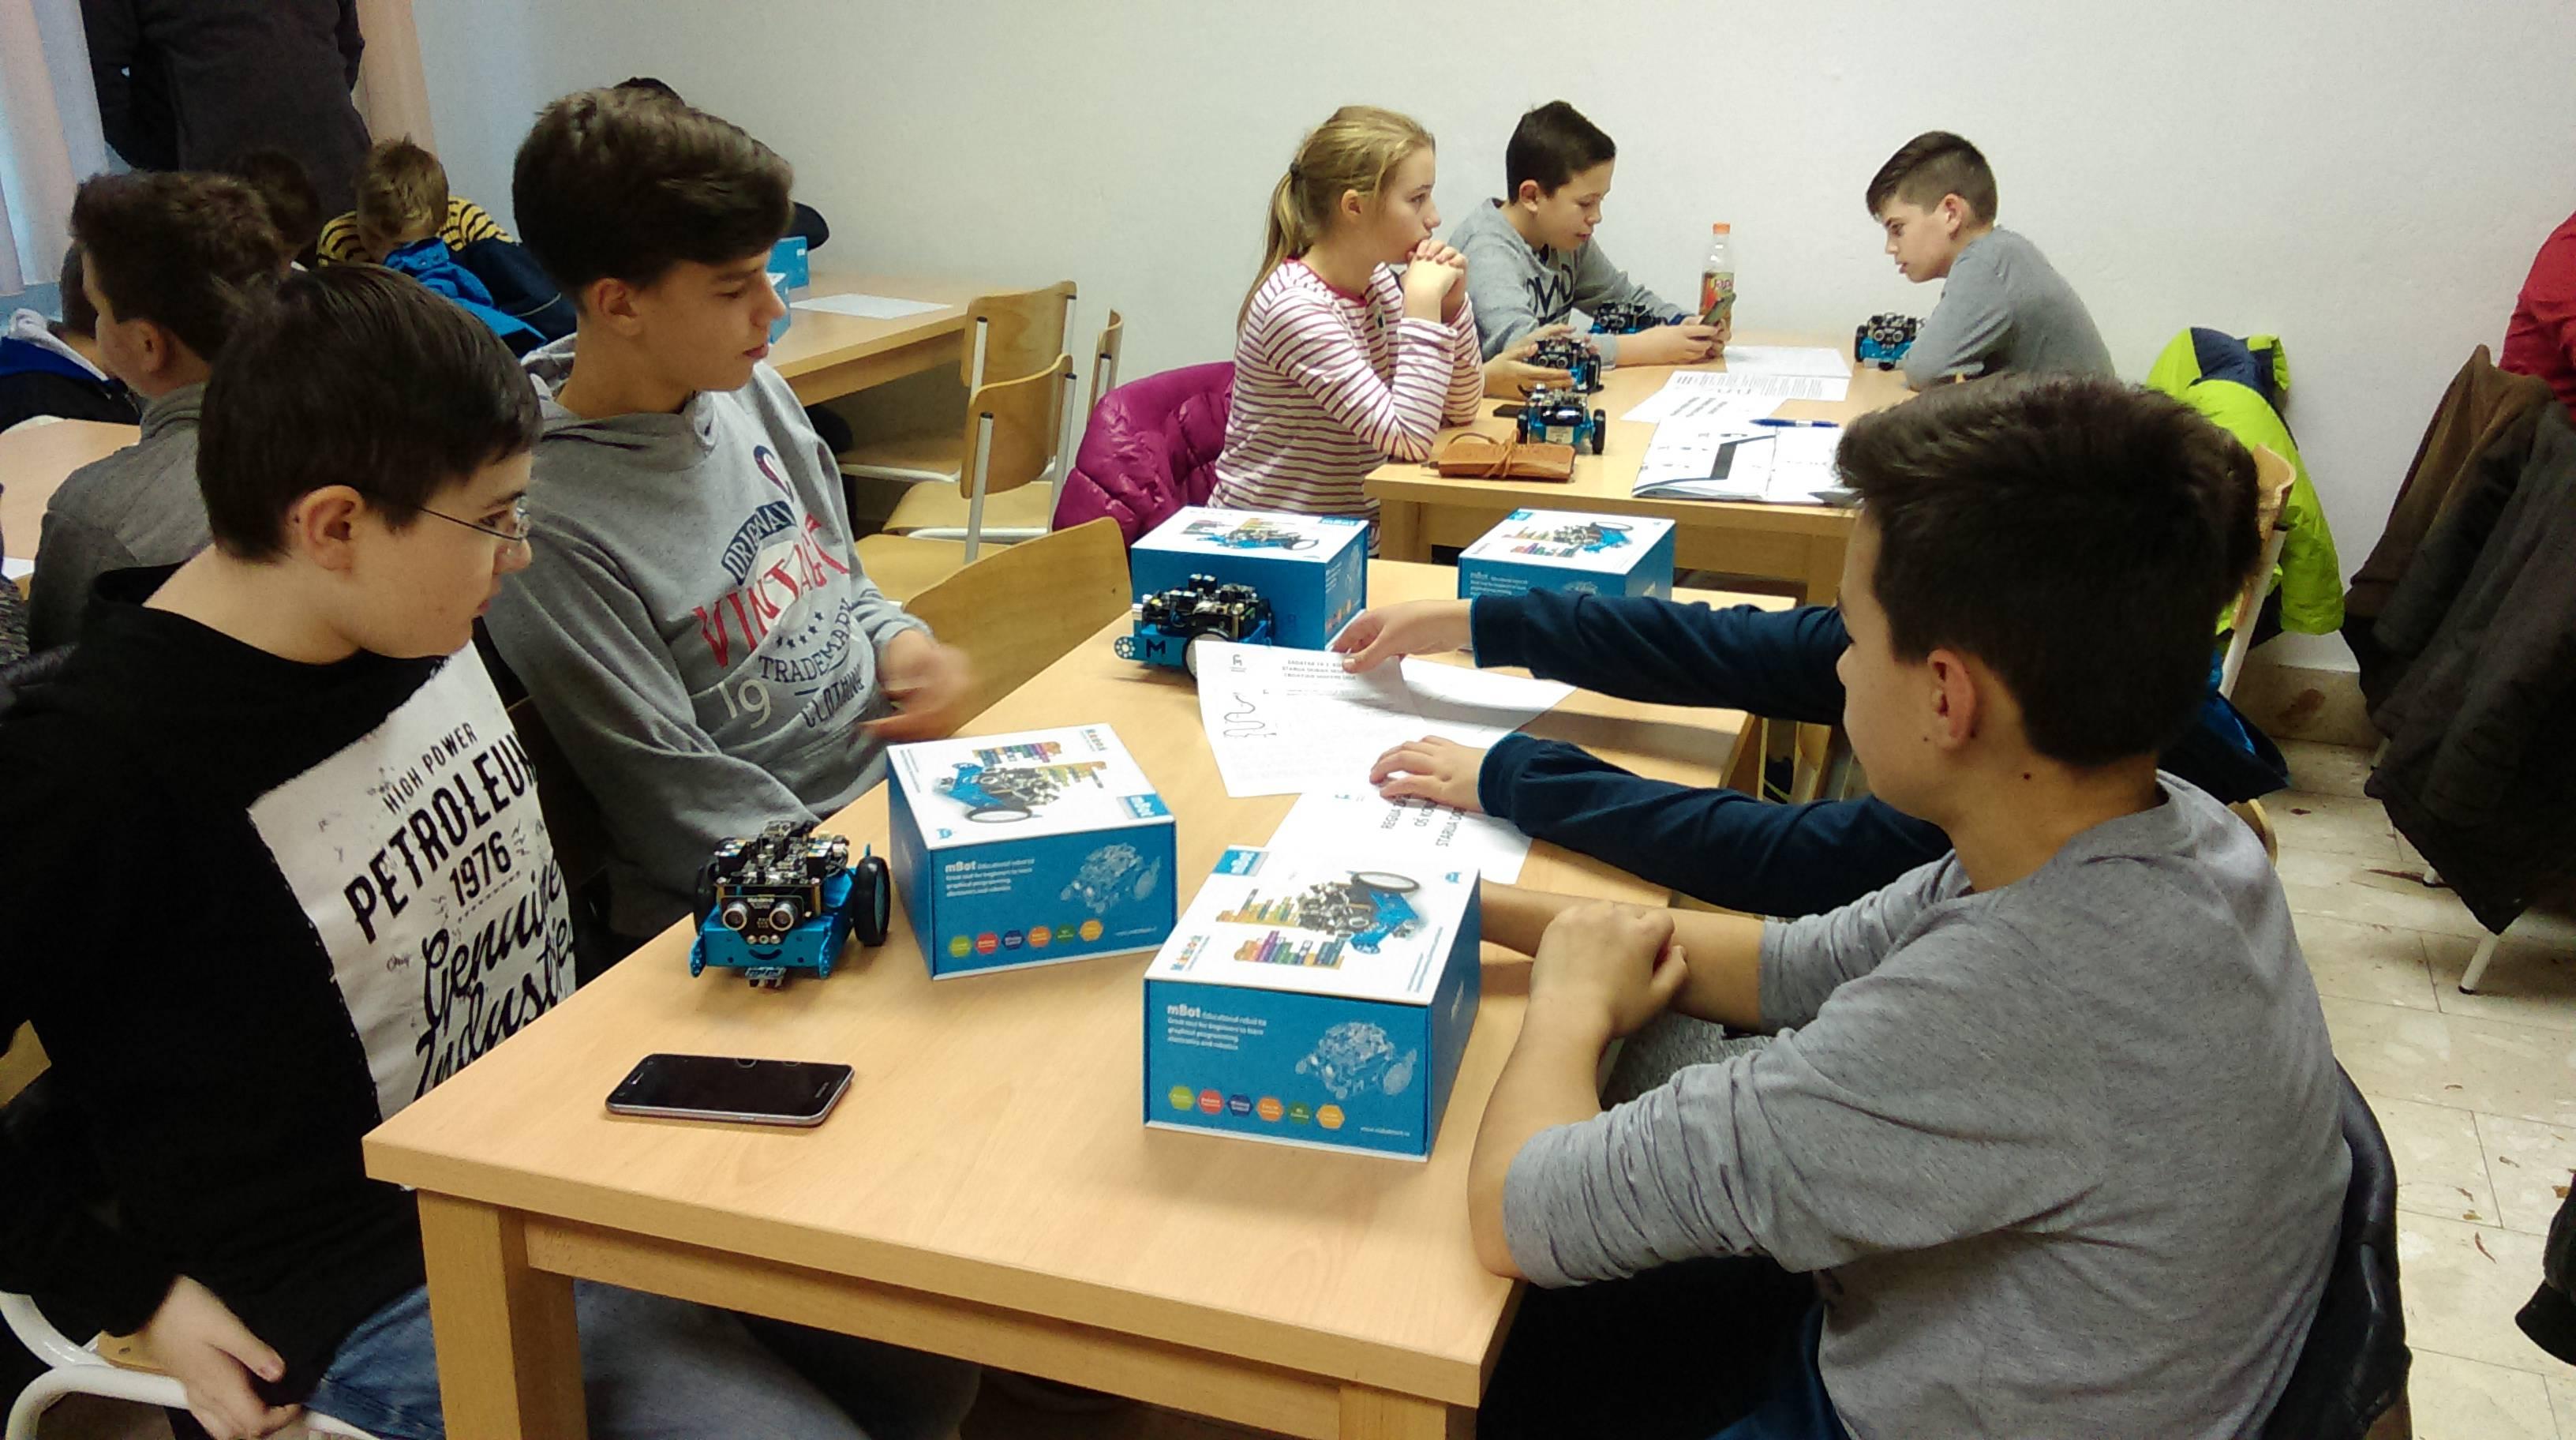 http://os-bedenica.skole.hr/upload/os-bedenica/images/newsimg/867/Image/IMAG0472.jpg